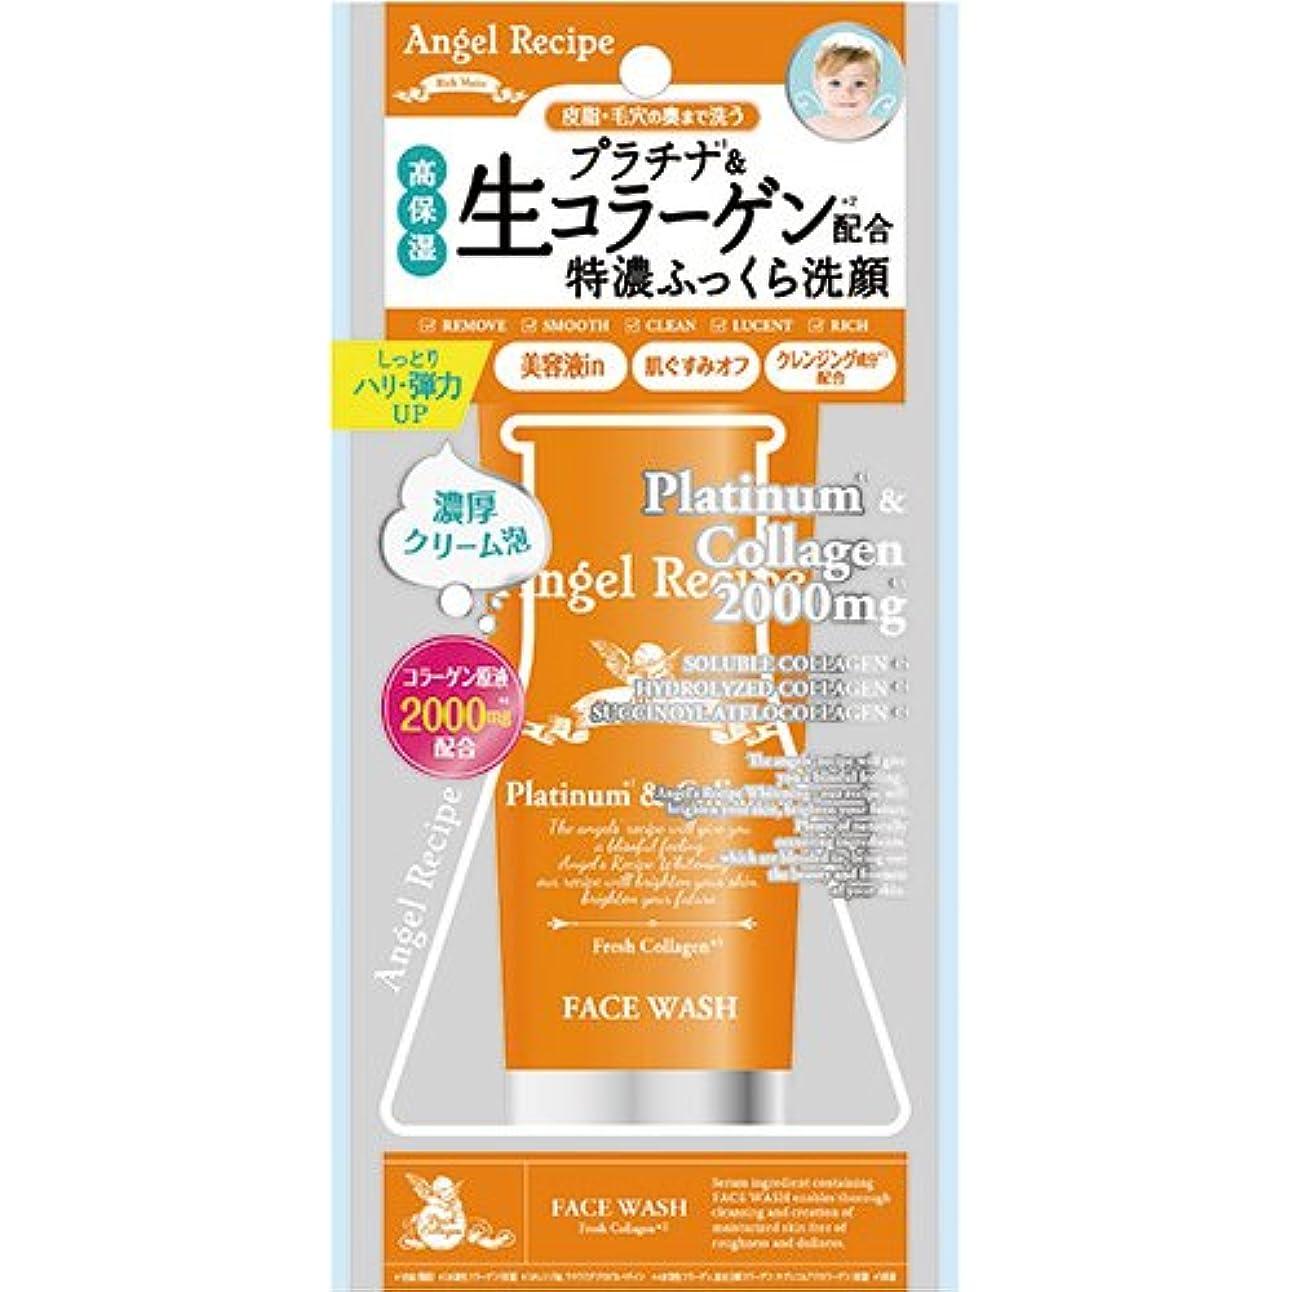 消去練るビルマAngelRecipe エンジェルレシピ リッチモイスト 洗顔フォーム 90g